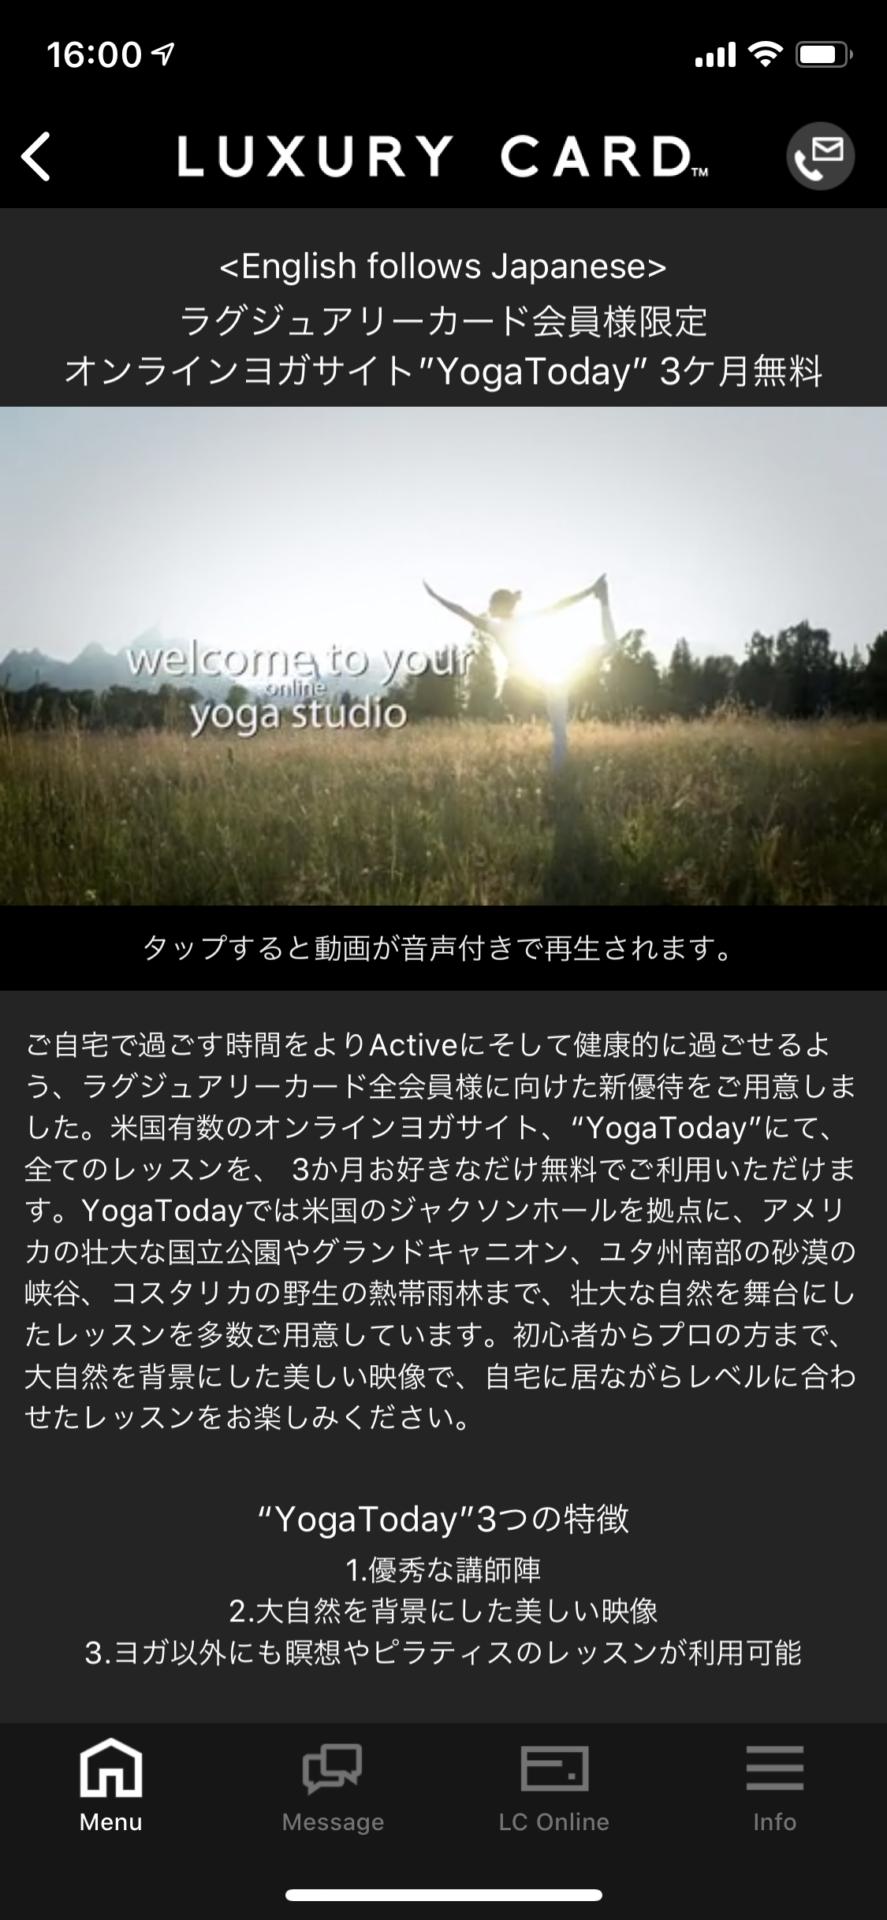 オンラインヨガサイト「YogaToday」の3ヶ月無料特典1